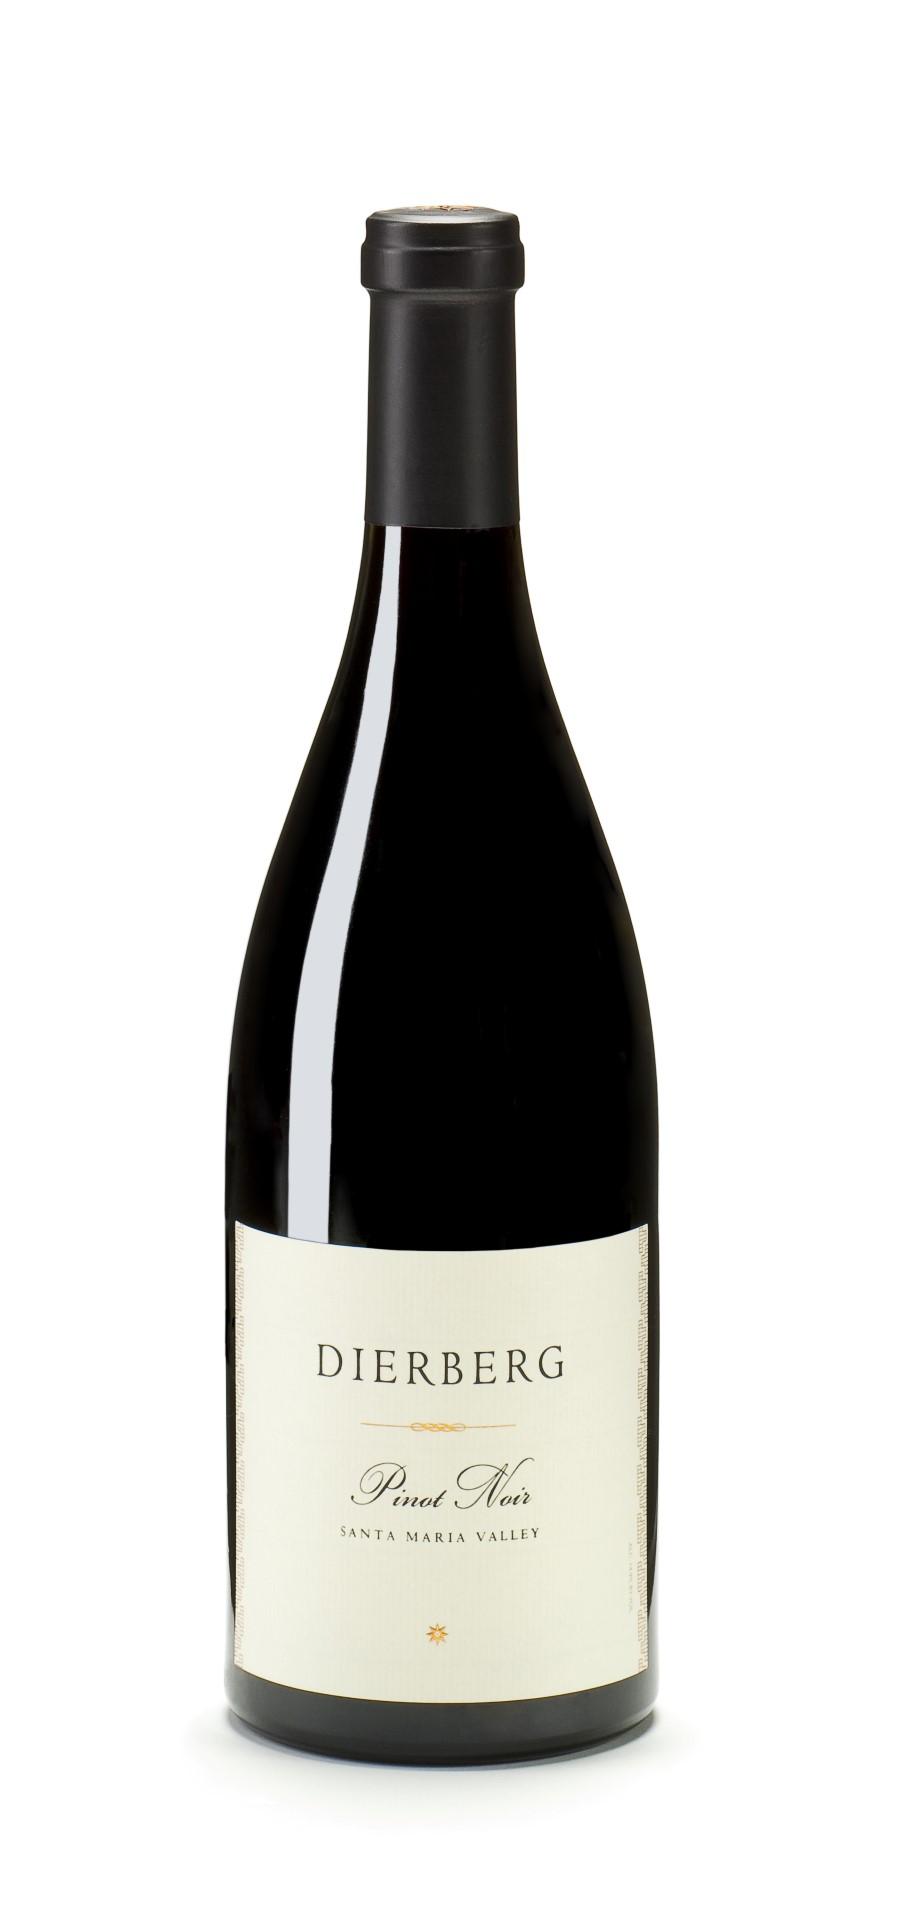 2013 Dierberg Pinot Noir Santa Maria Valley Dierberg Vineyard